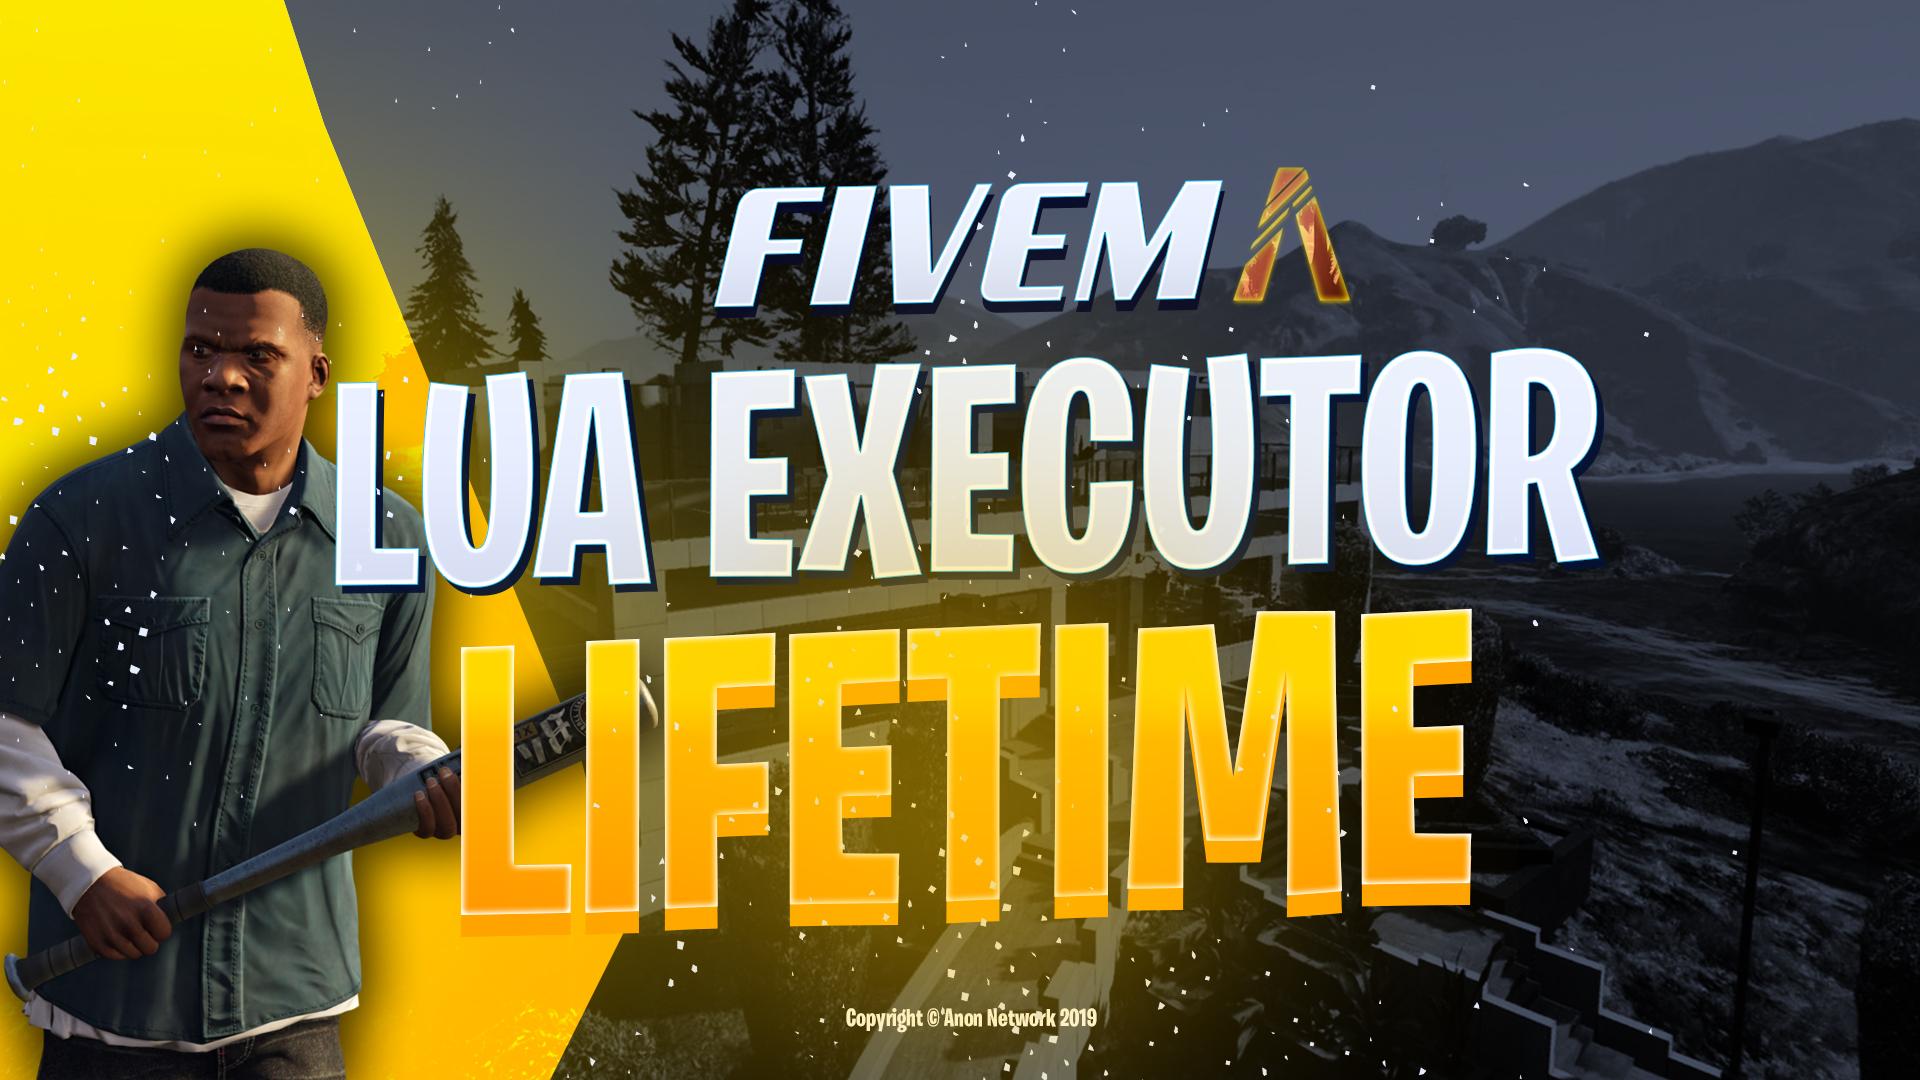 [LIFETIME $35] FiveM Lua Executor